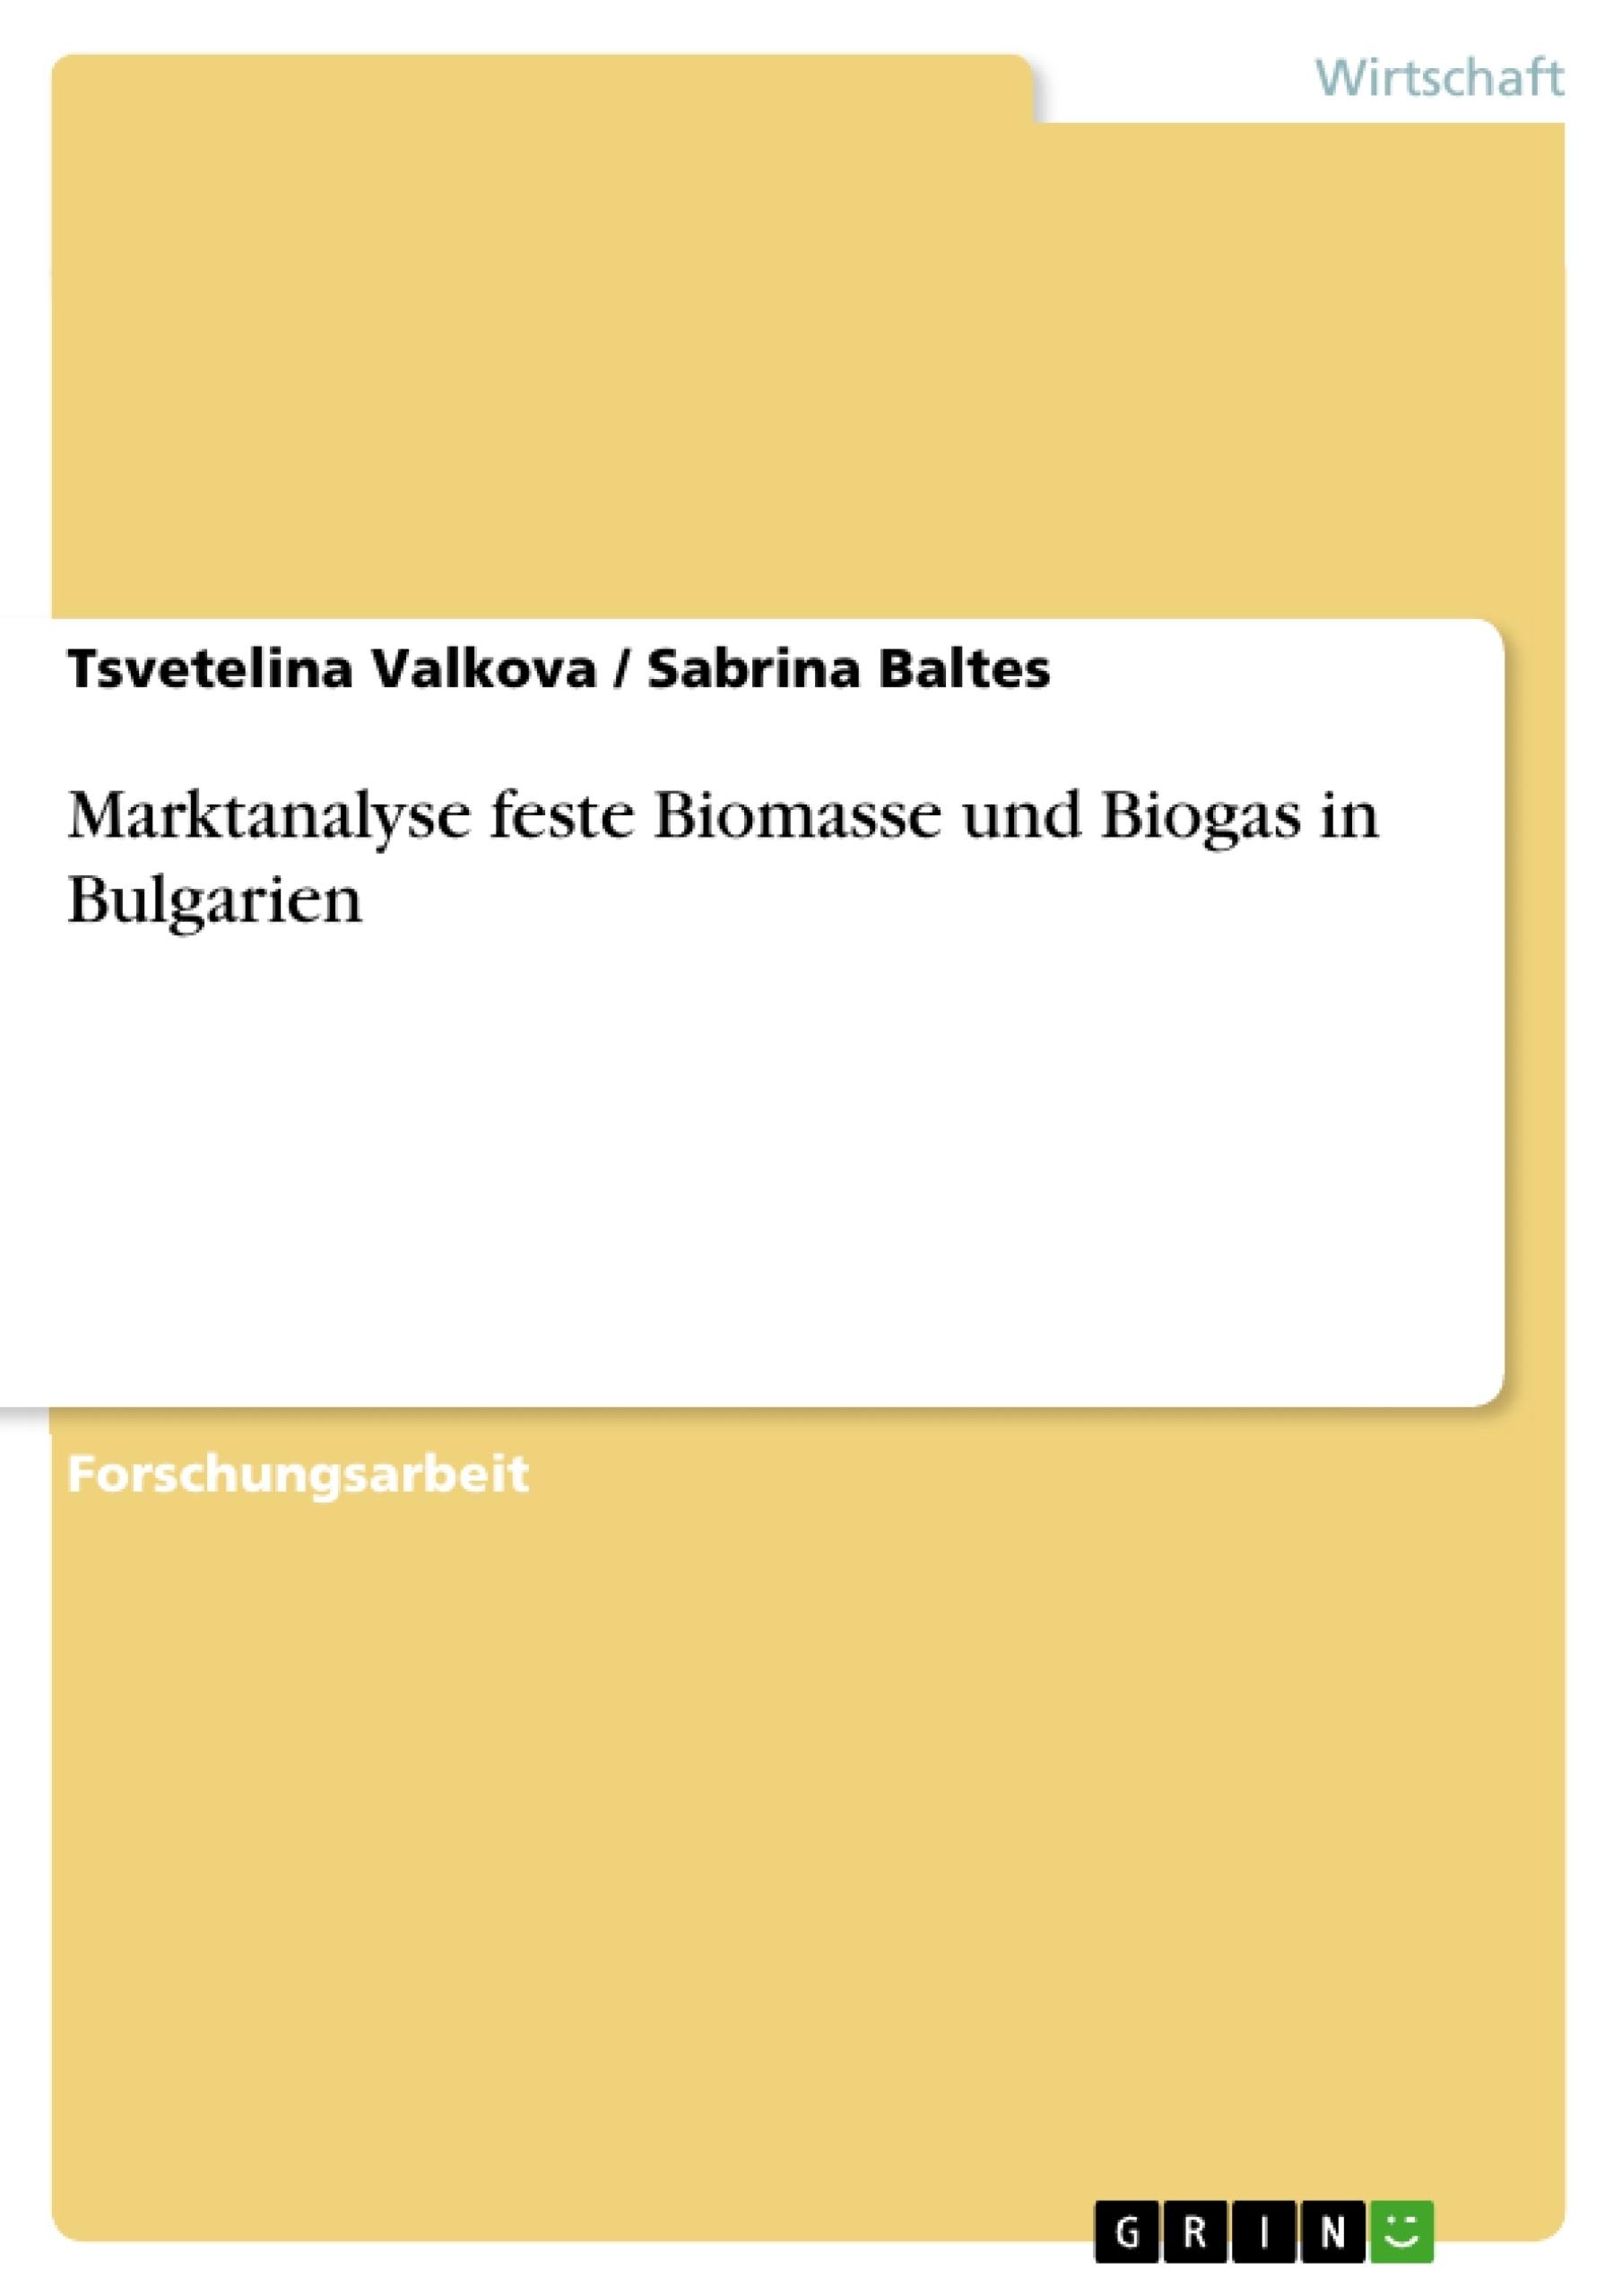 Titel: Marktanalyse feste Biomasse und Biogas in Bulgarien